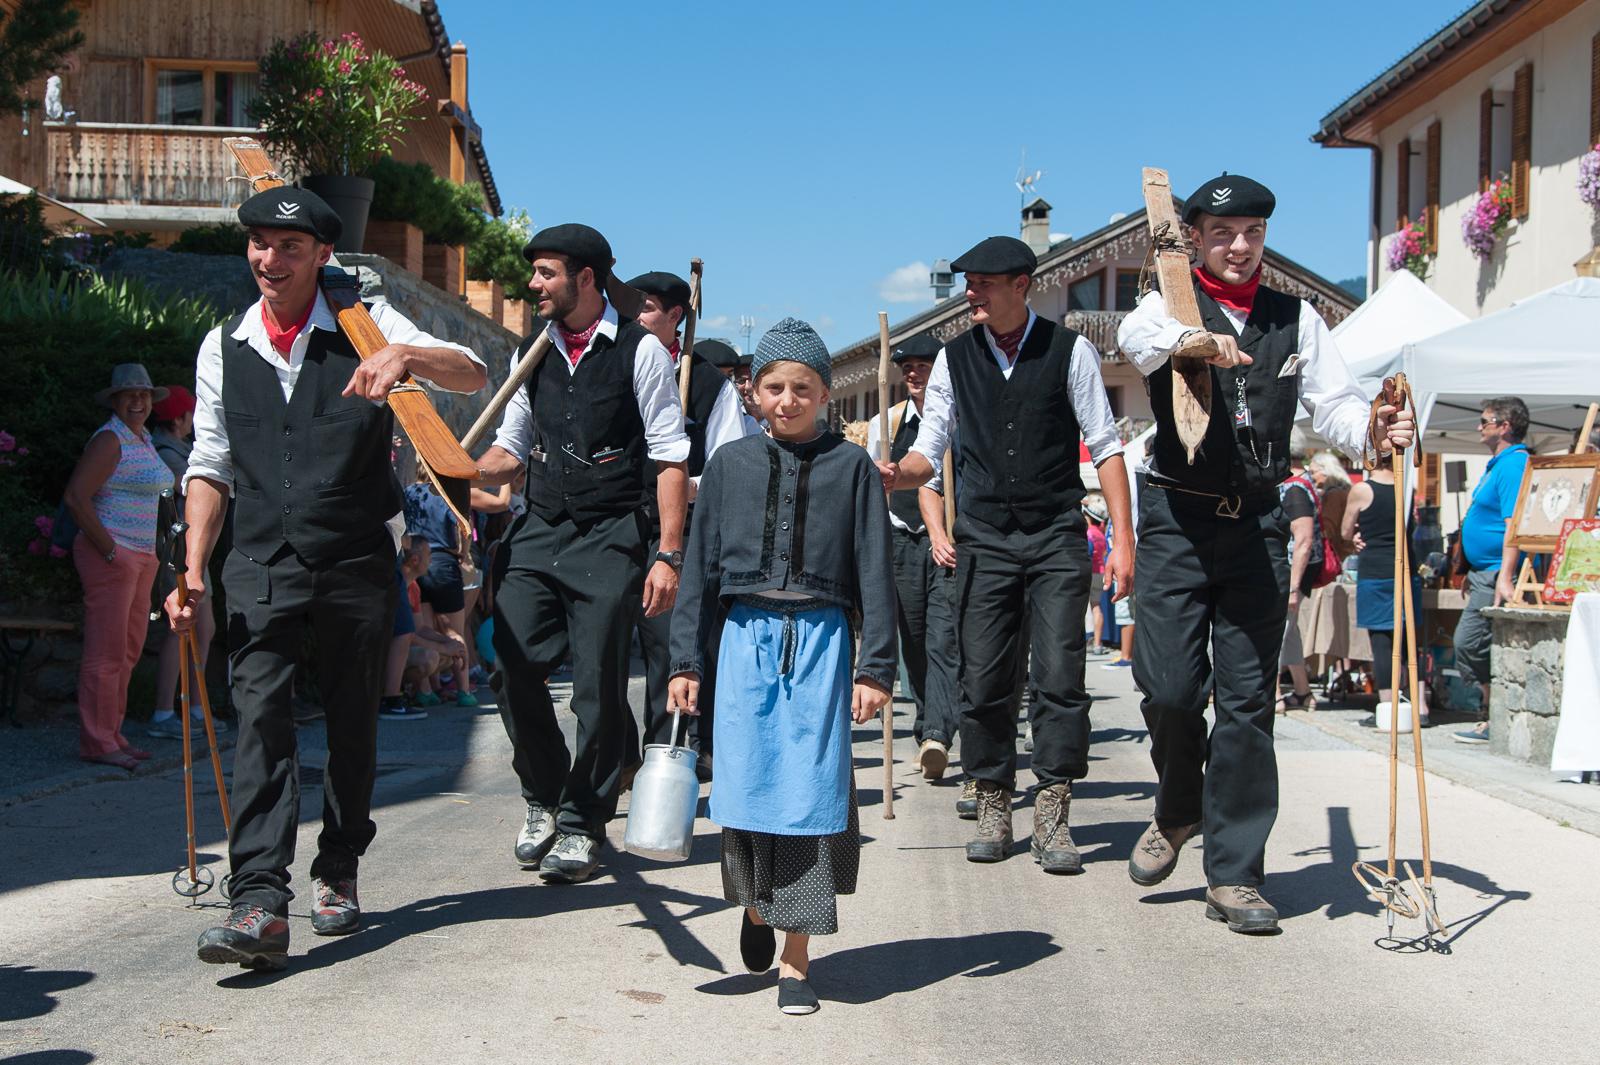 Photographe Tourisme Sur Une Fête De Village En Savoie : Défilé En Costumes Savoyards Traditionnels Lors De La Fête à Fanfoué 2016, Vallée Des Allues, Méribel